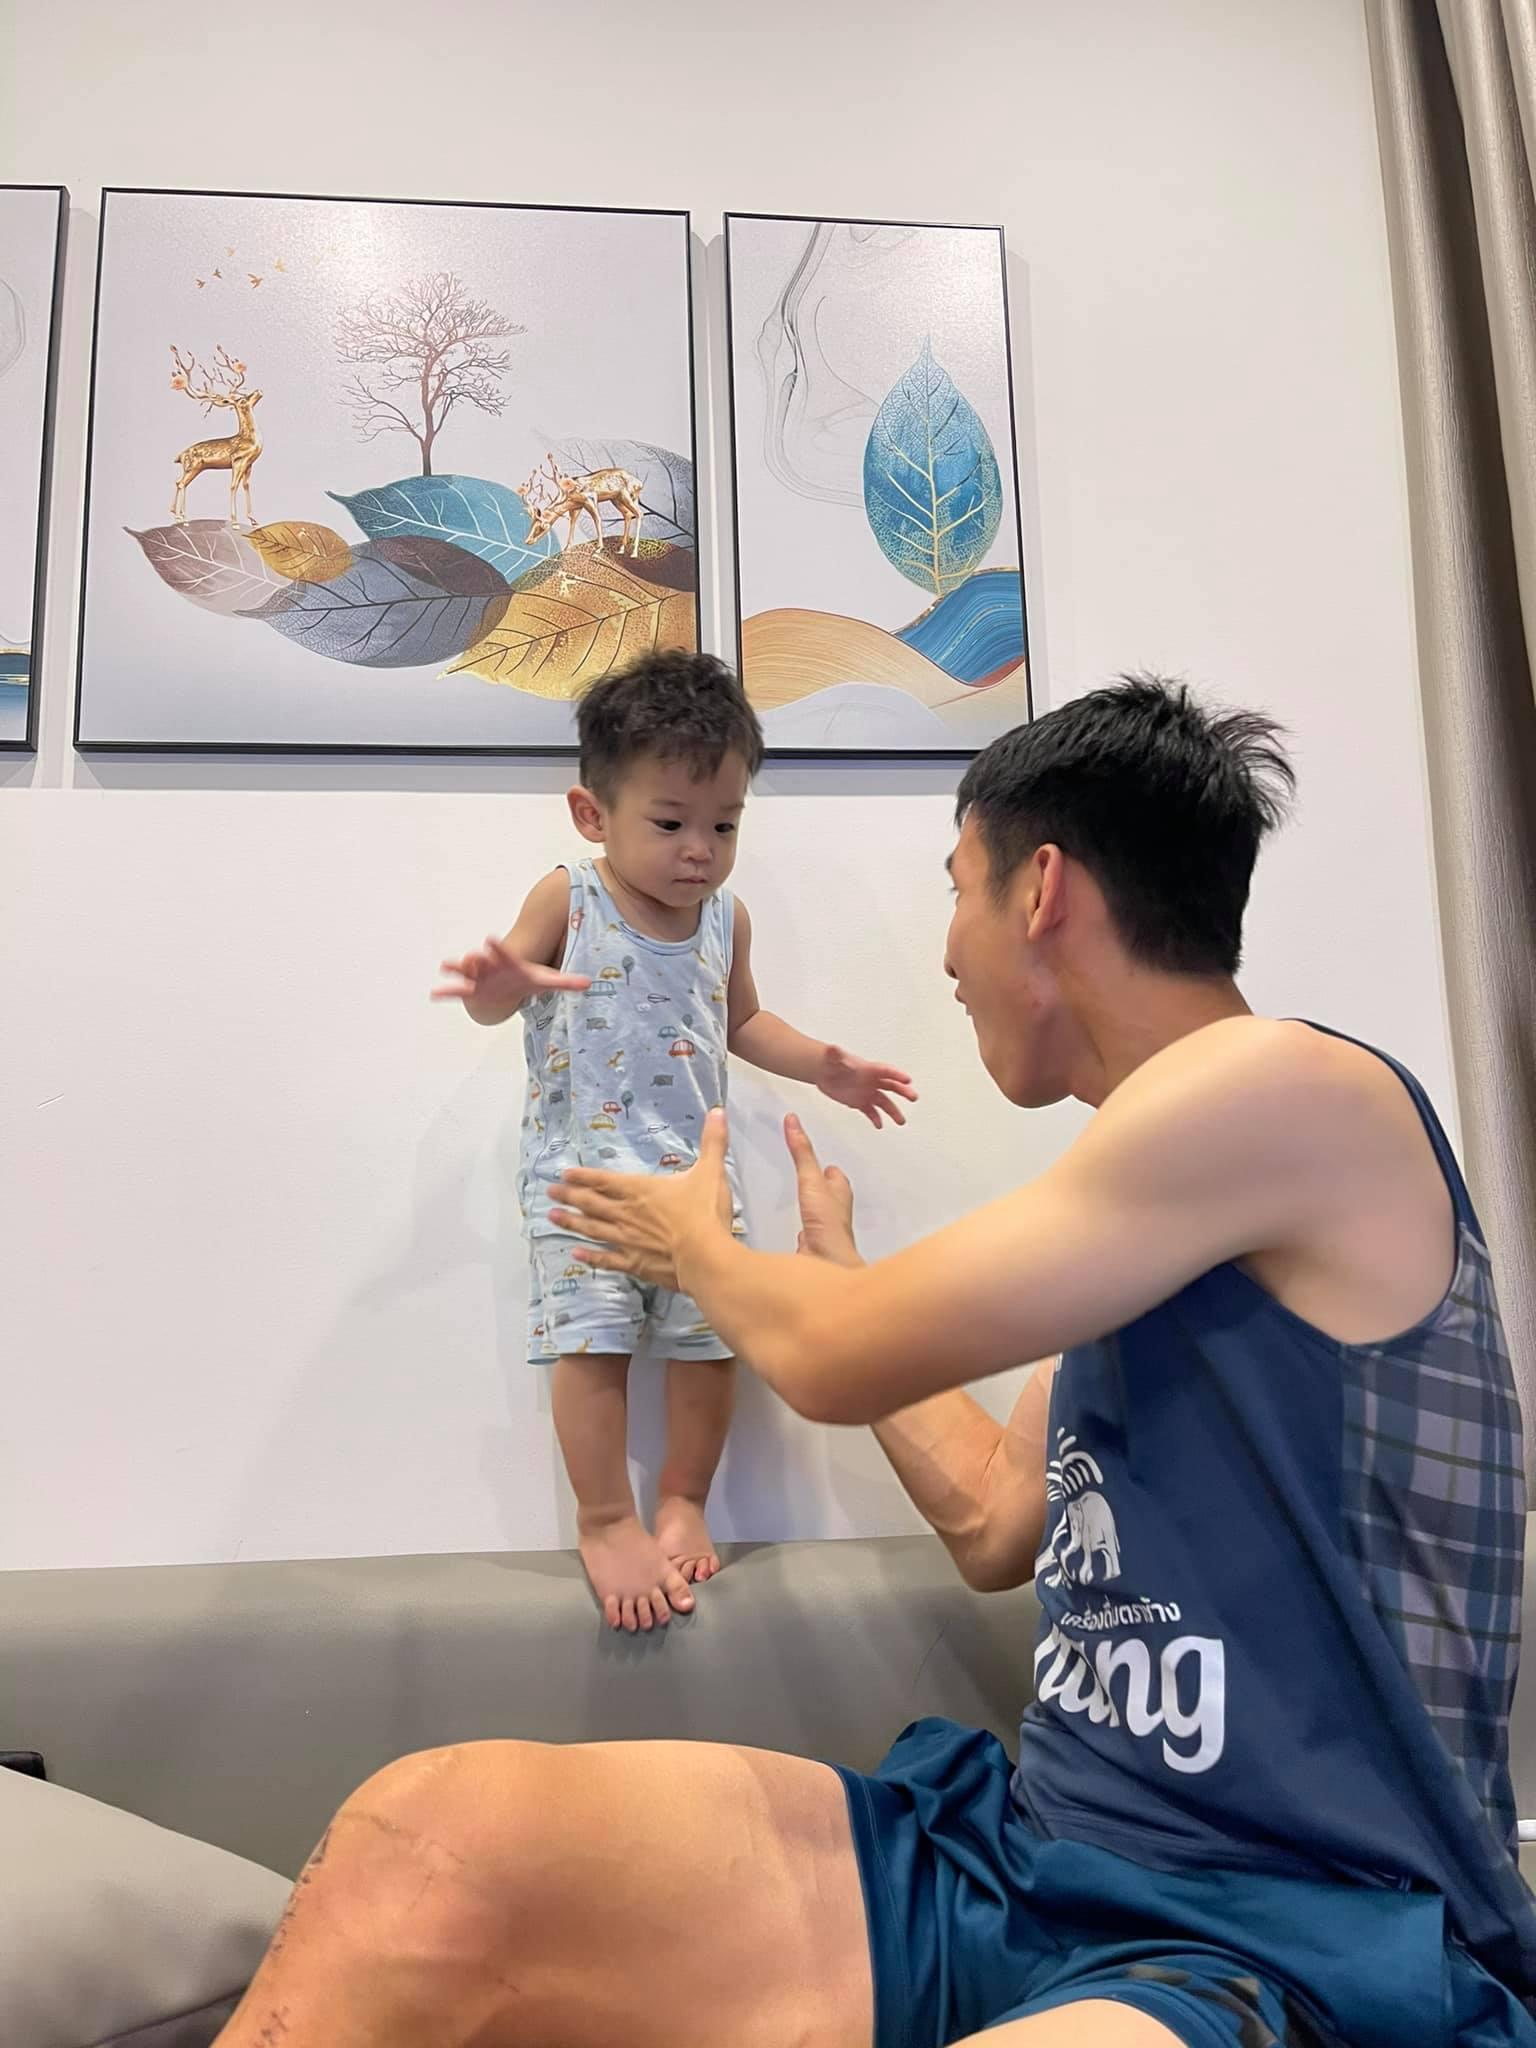 Con trai Hùng Dũng nước mắt lã chã khi mẹ đưa bố vào Sài Gòn điều trị chấn thương - ảnh 5